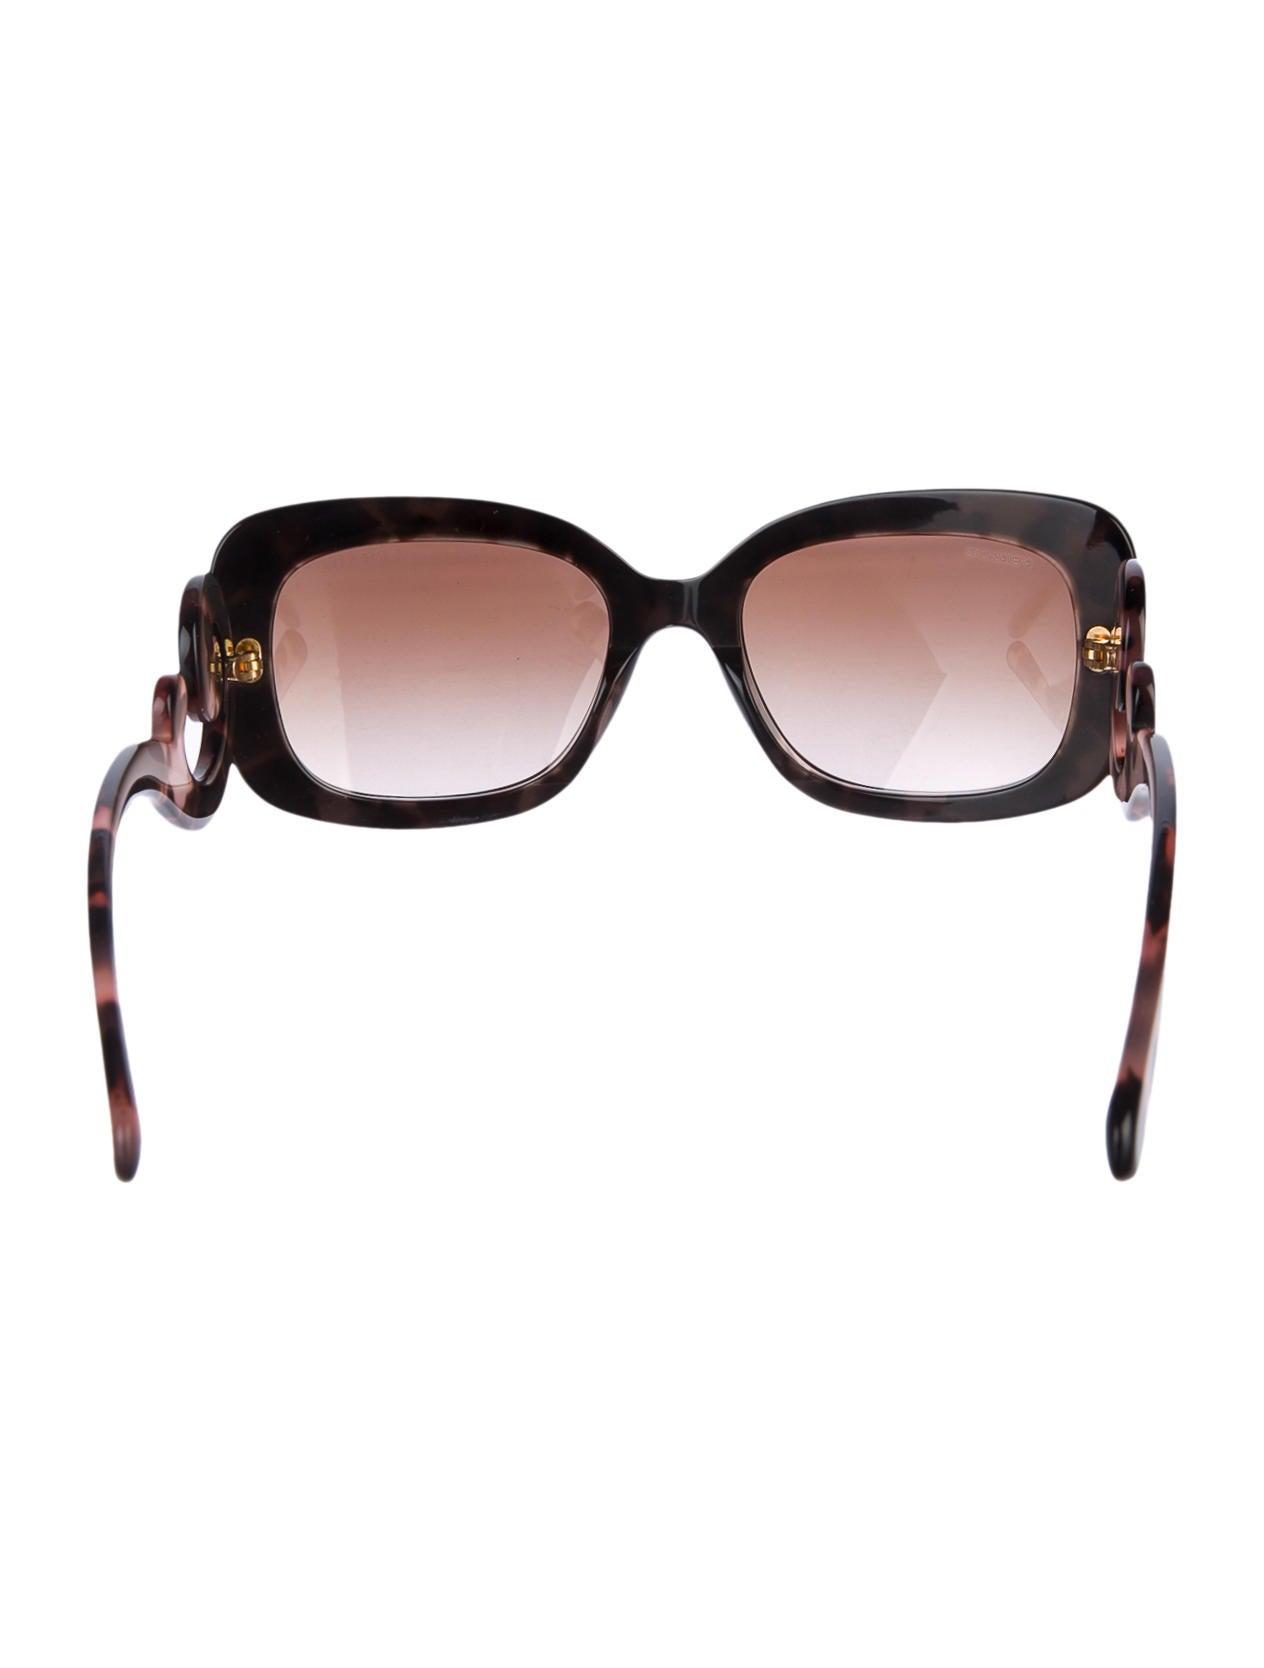 8cbfb30599d Prada Sunglasses Case Indiana